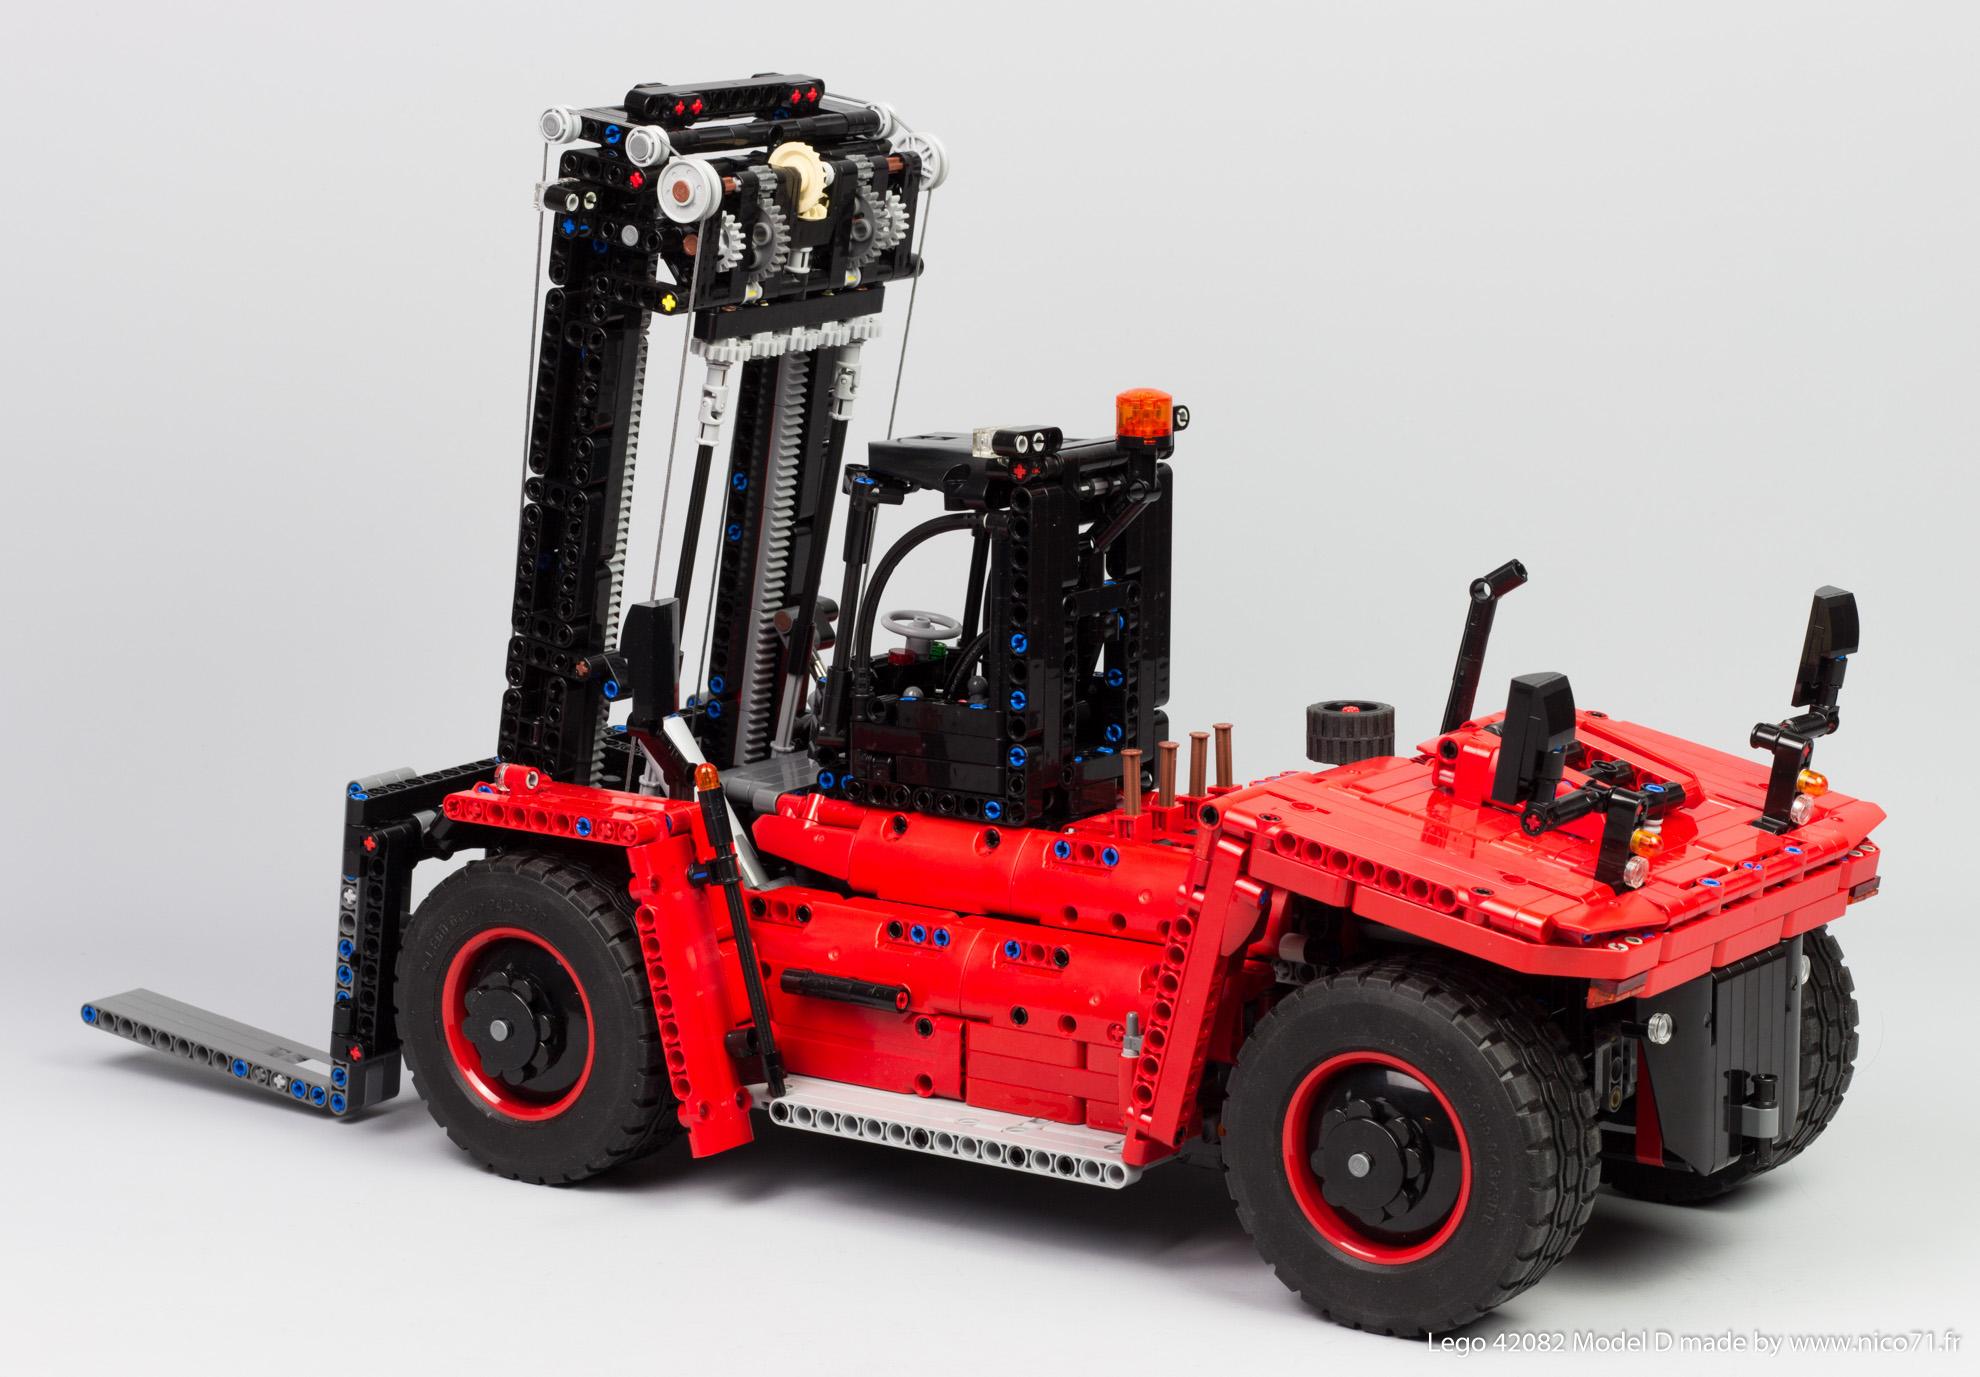 Lego-42082-Model-D-Heavy-Forklift-3.jpg